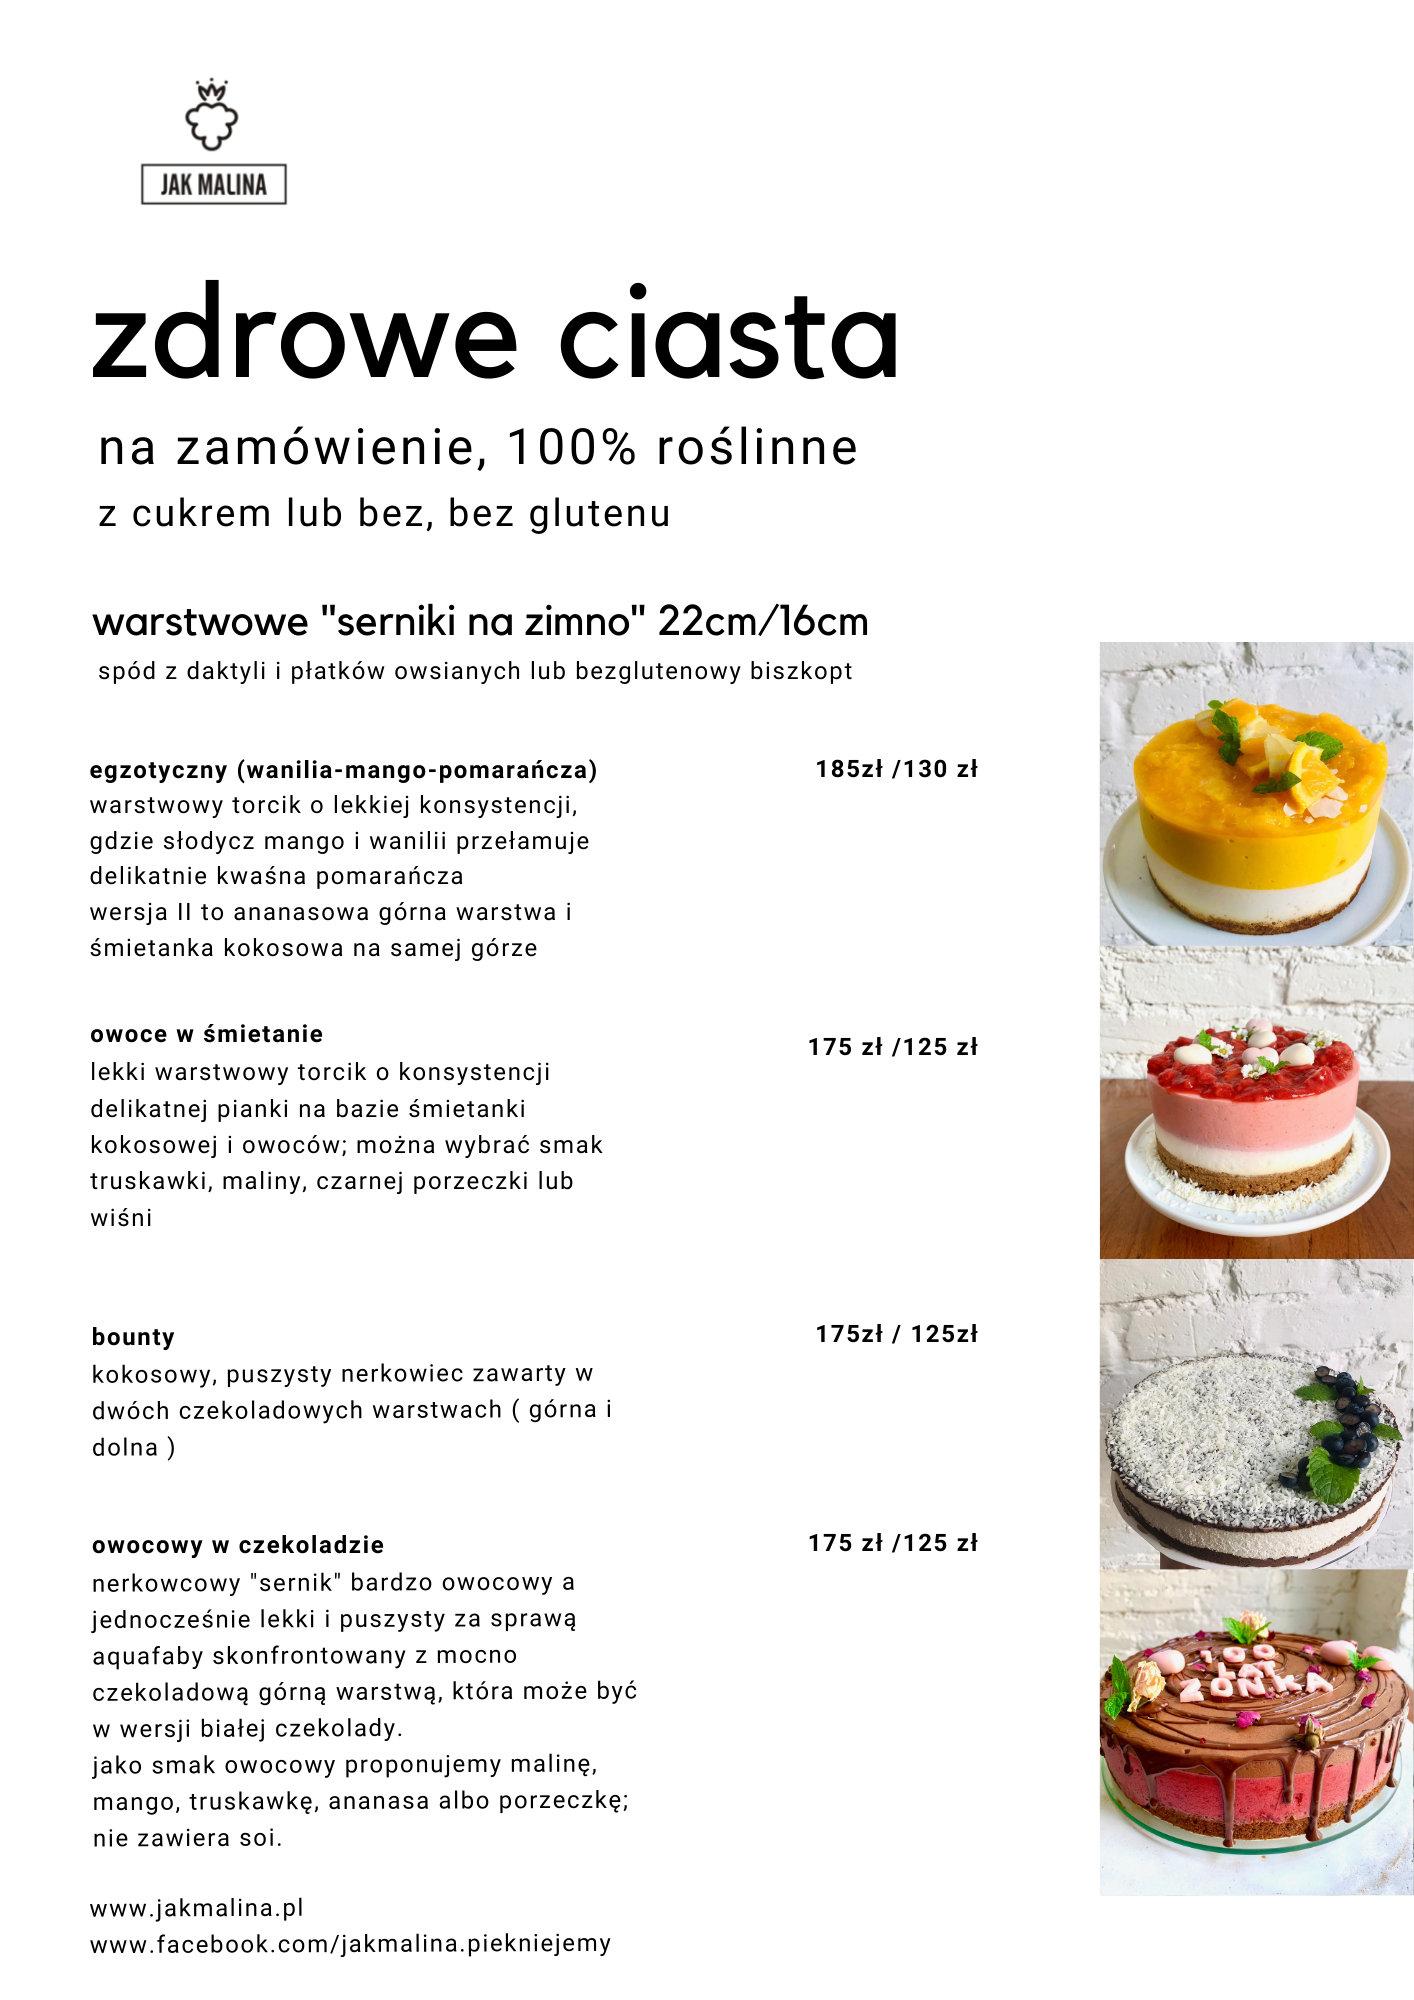 zdrowe ciasta jakmalina 2